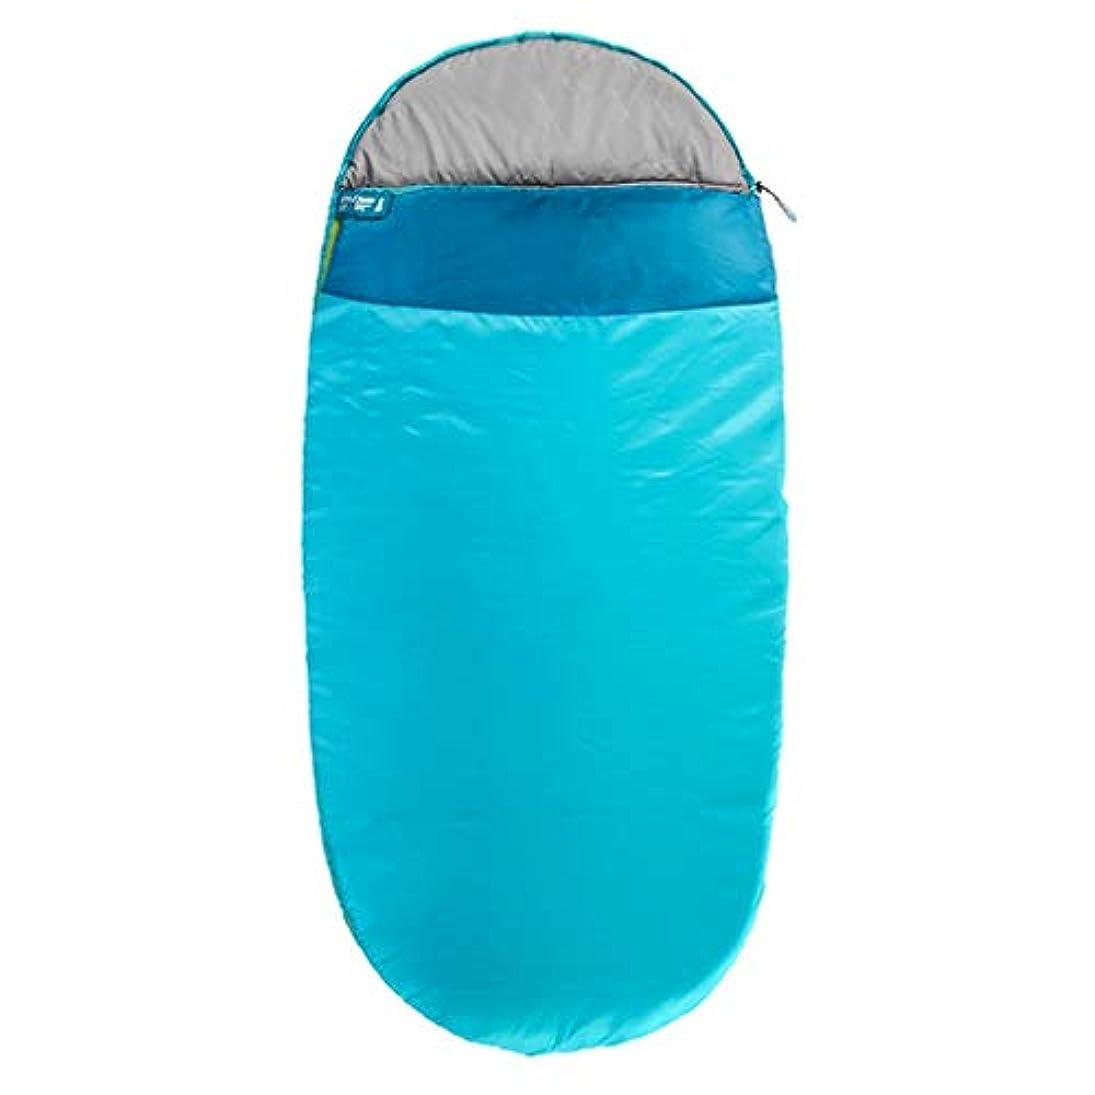 ハーネスコース意味寝袋アウトドア寝袋シングル寝袋封筒寝袋肥厚通気性の広いスペース GBYGDQ (Color : Blue, Size : 200×90cm)